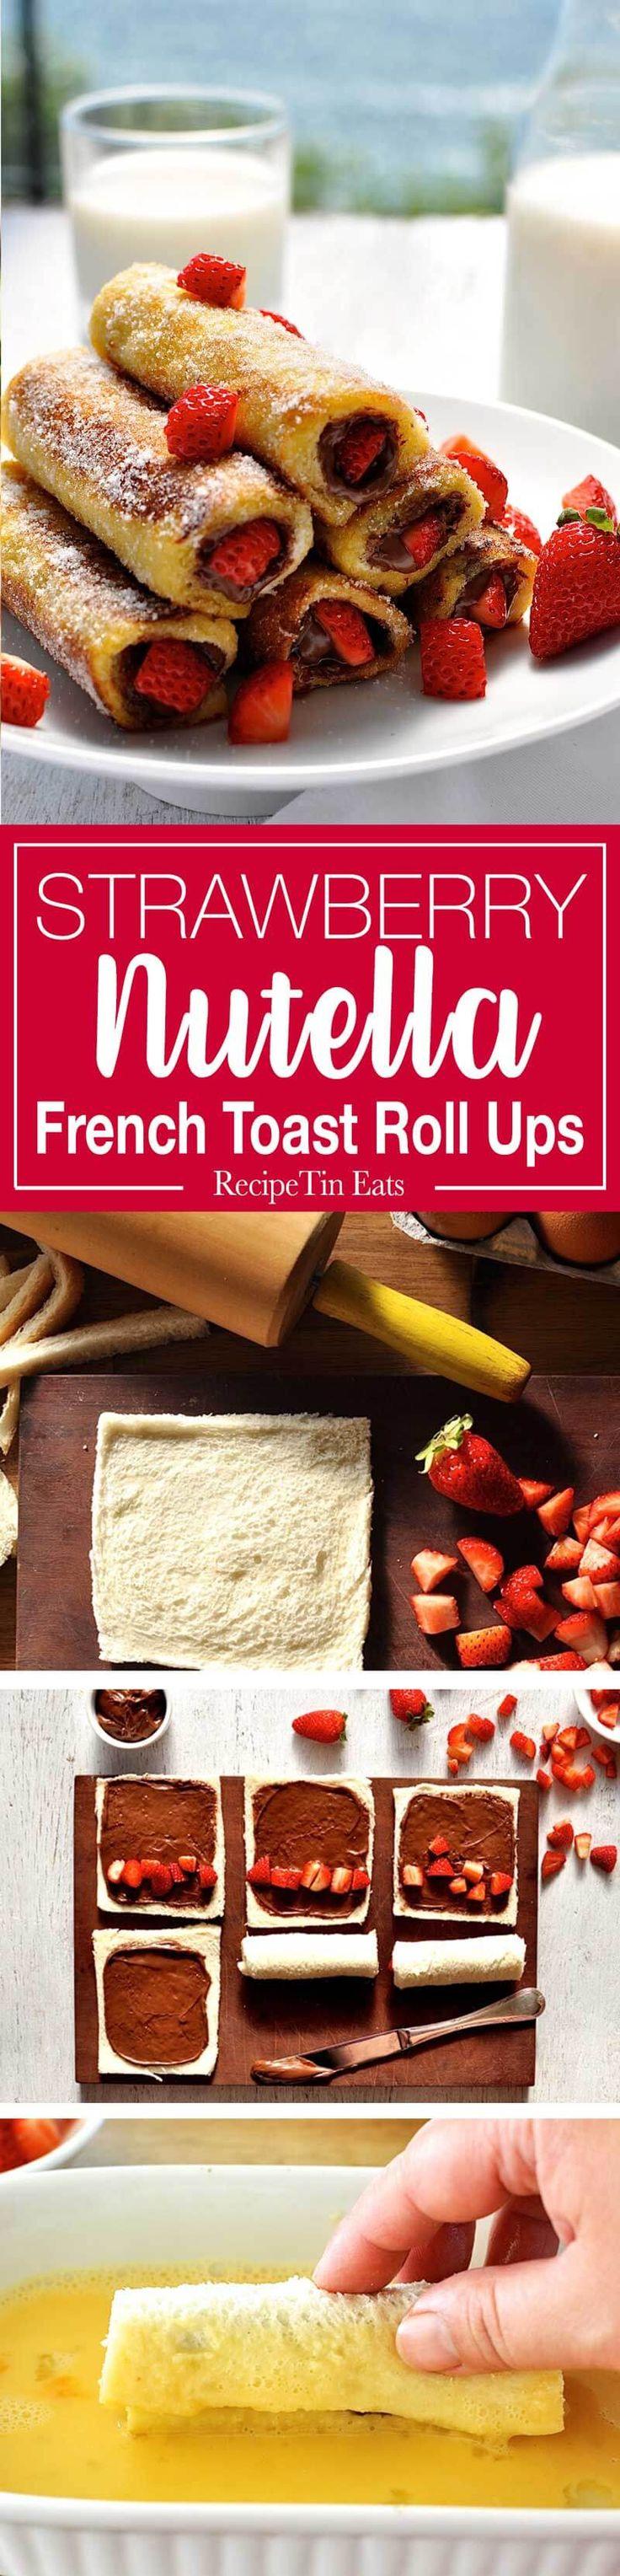 Strawberry Nutella tostada francesa arrollados - sólo un puñado de ingredientes para hacer esto en 15 minutos.  Prueban como rosquillas!  www.recipetineats.com